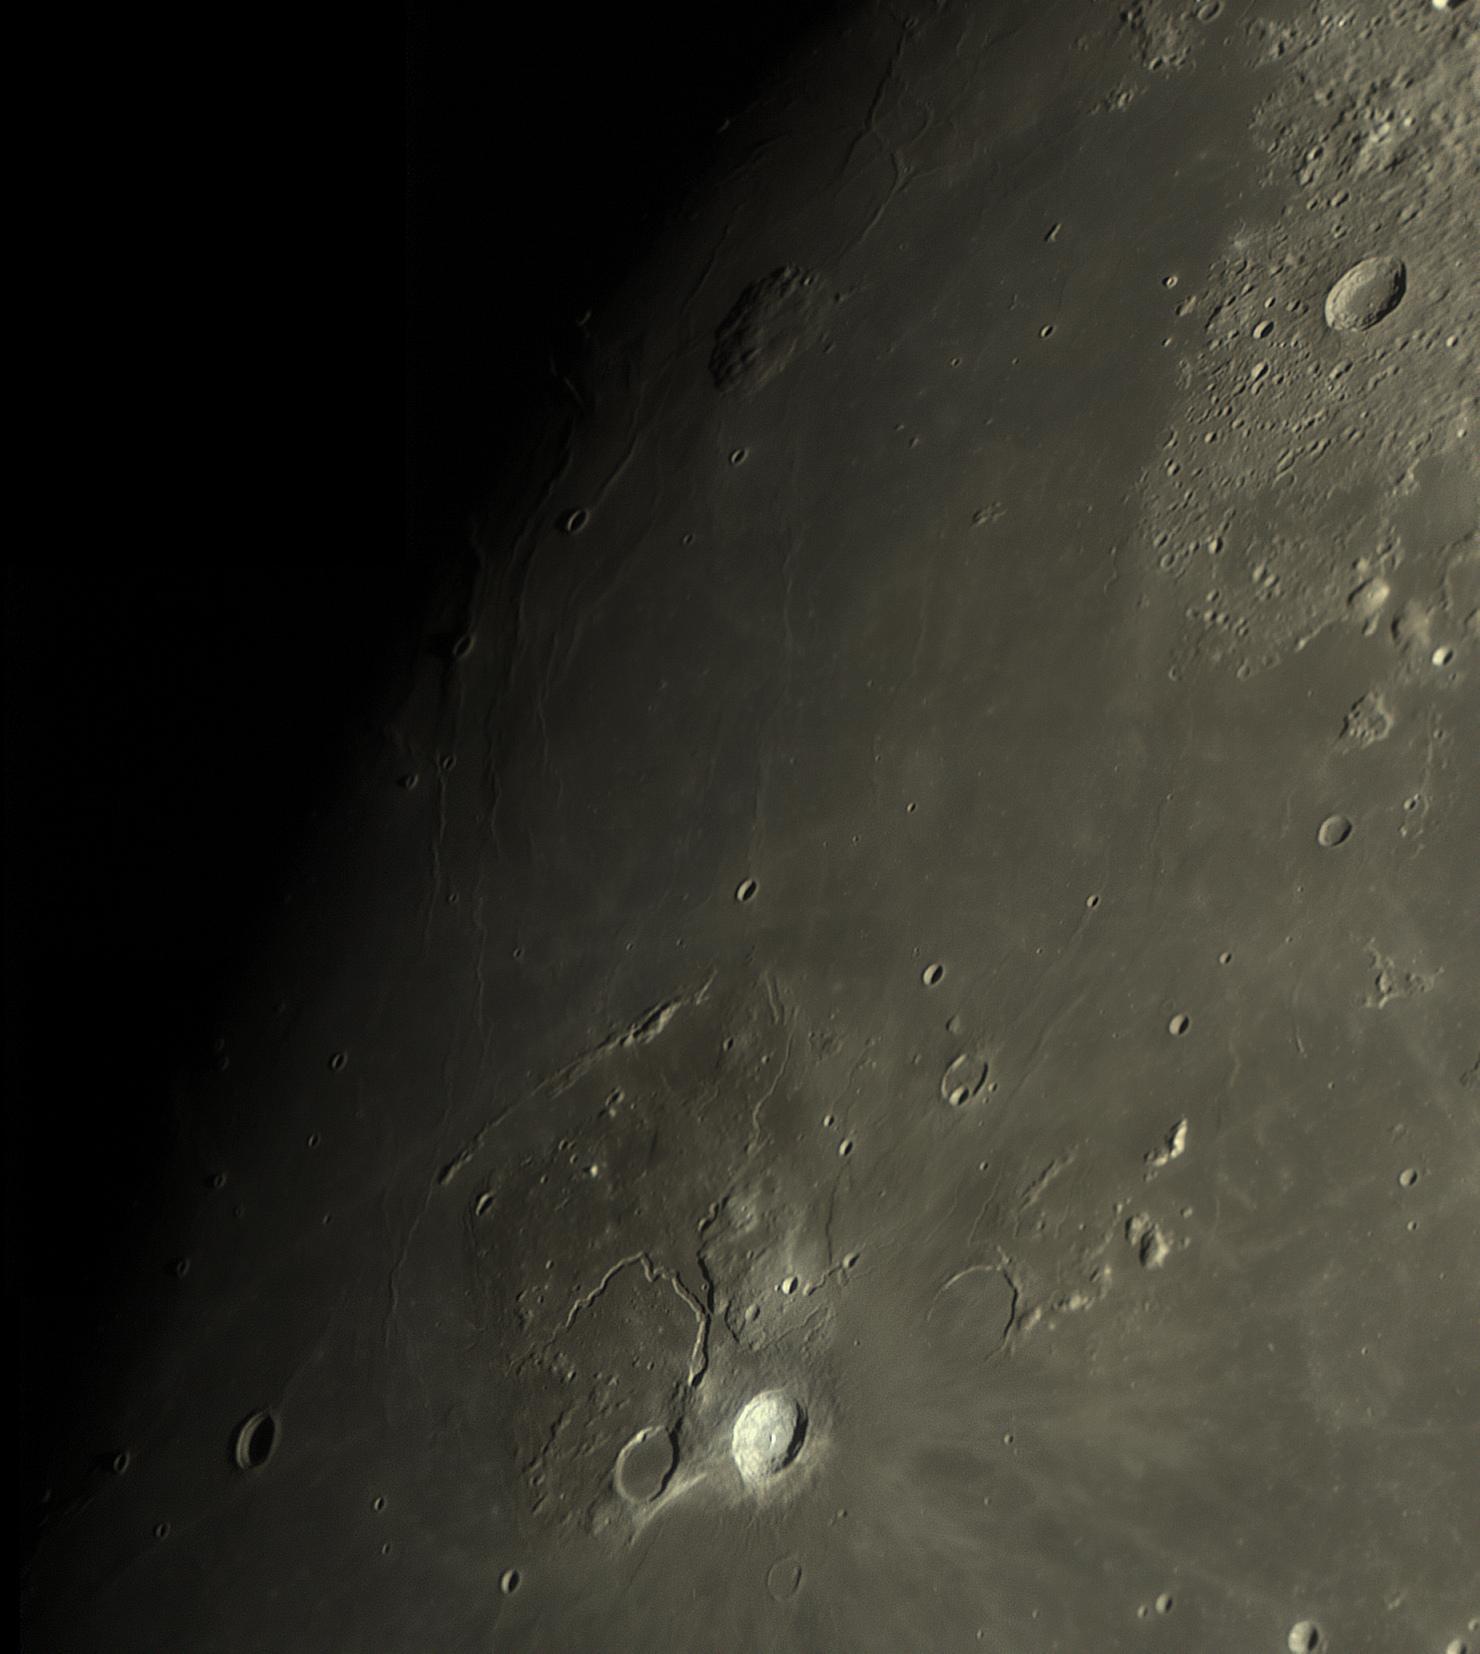 Région d'Aristarque du180119(taille 80%)